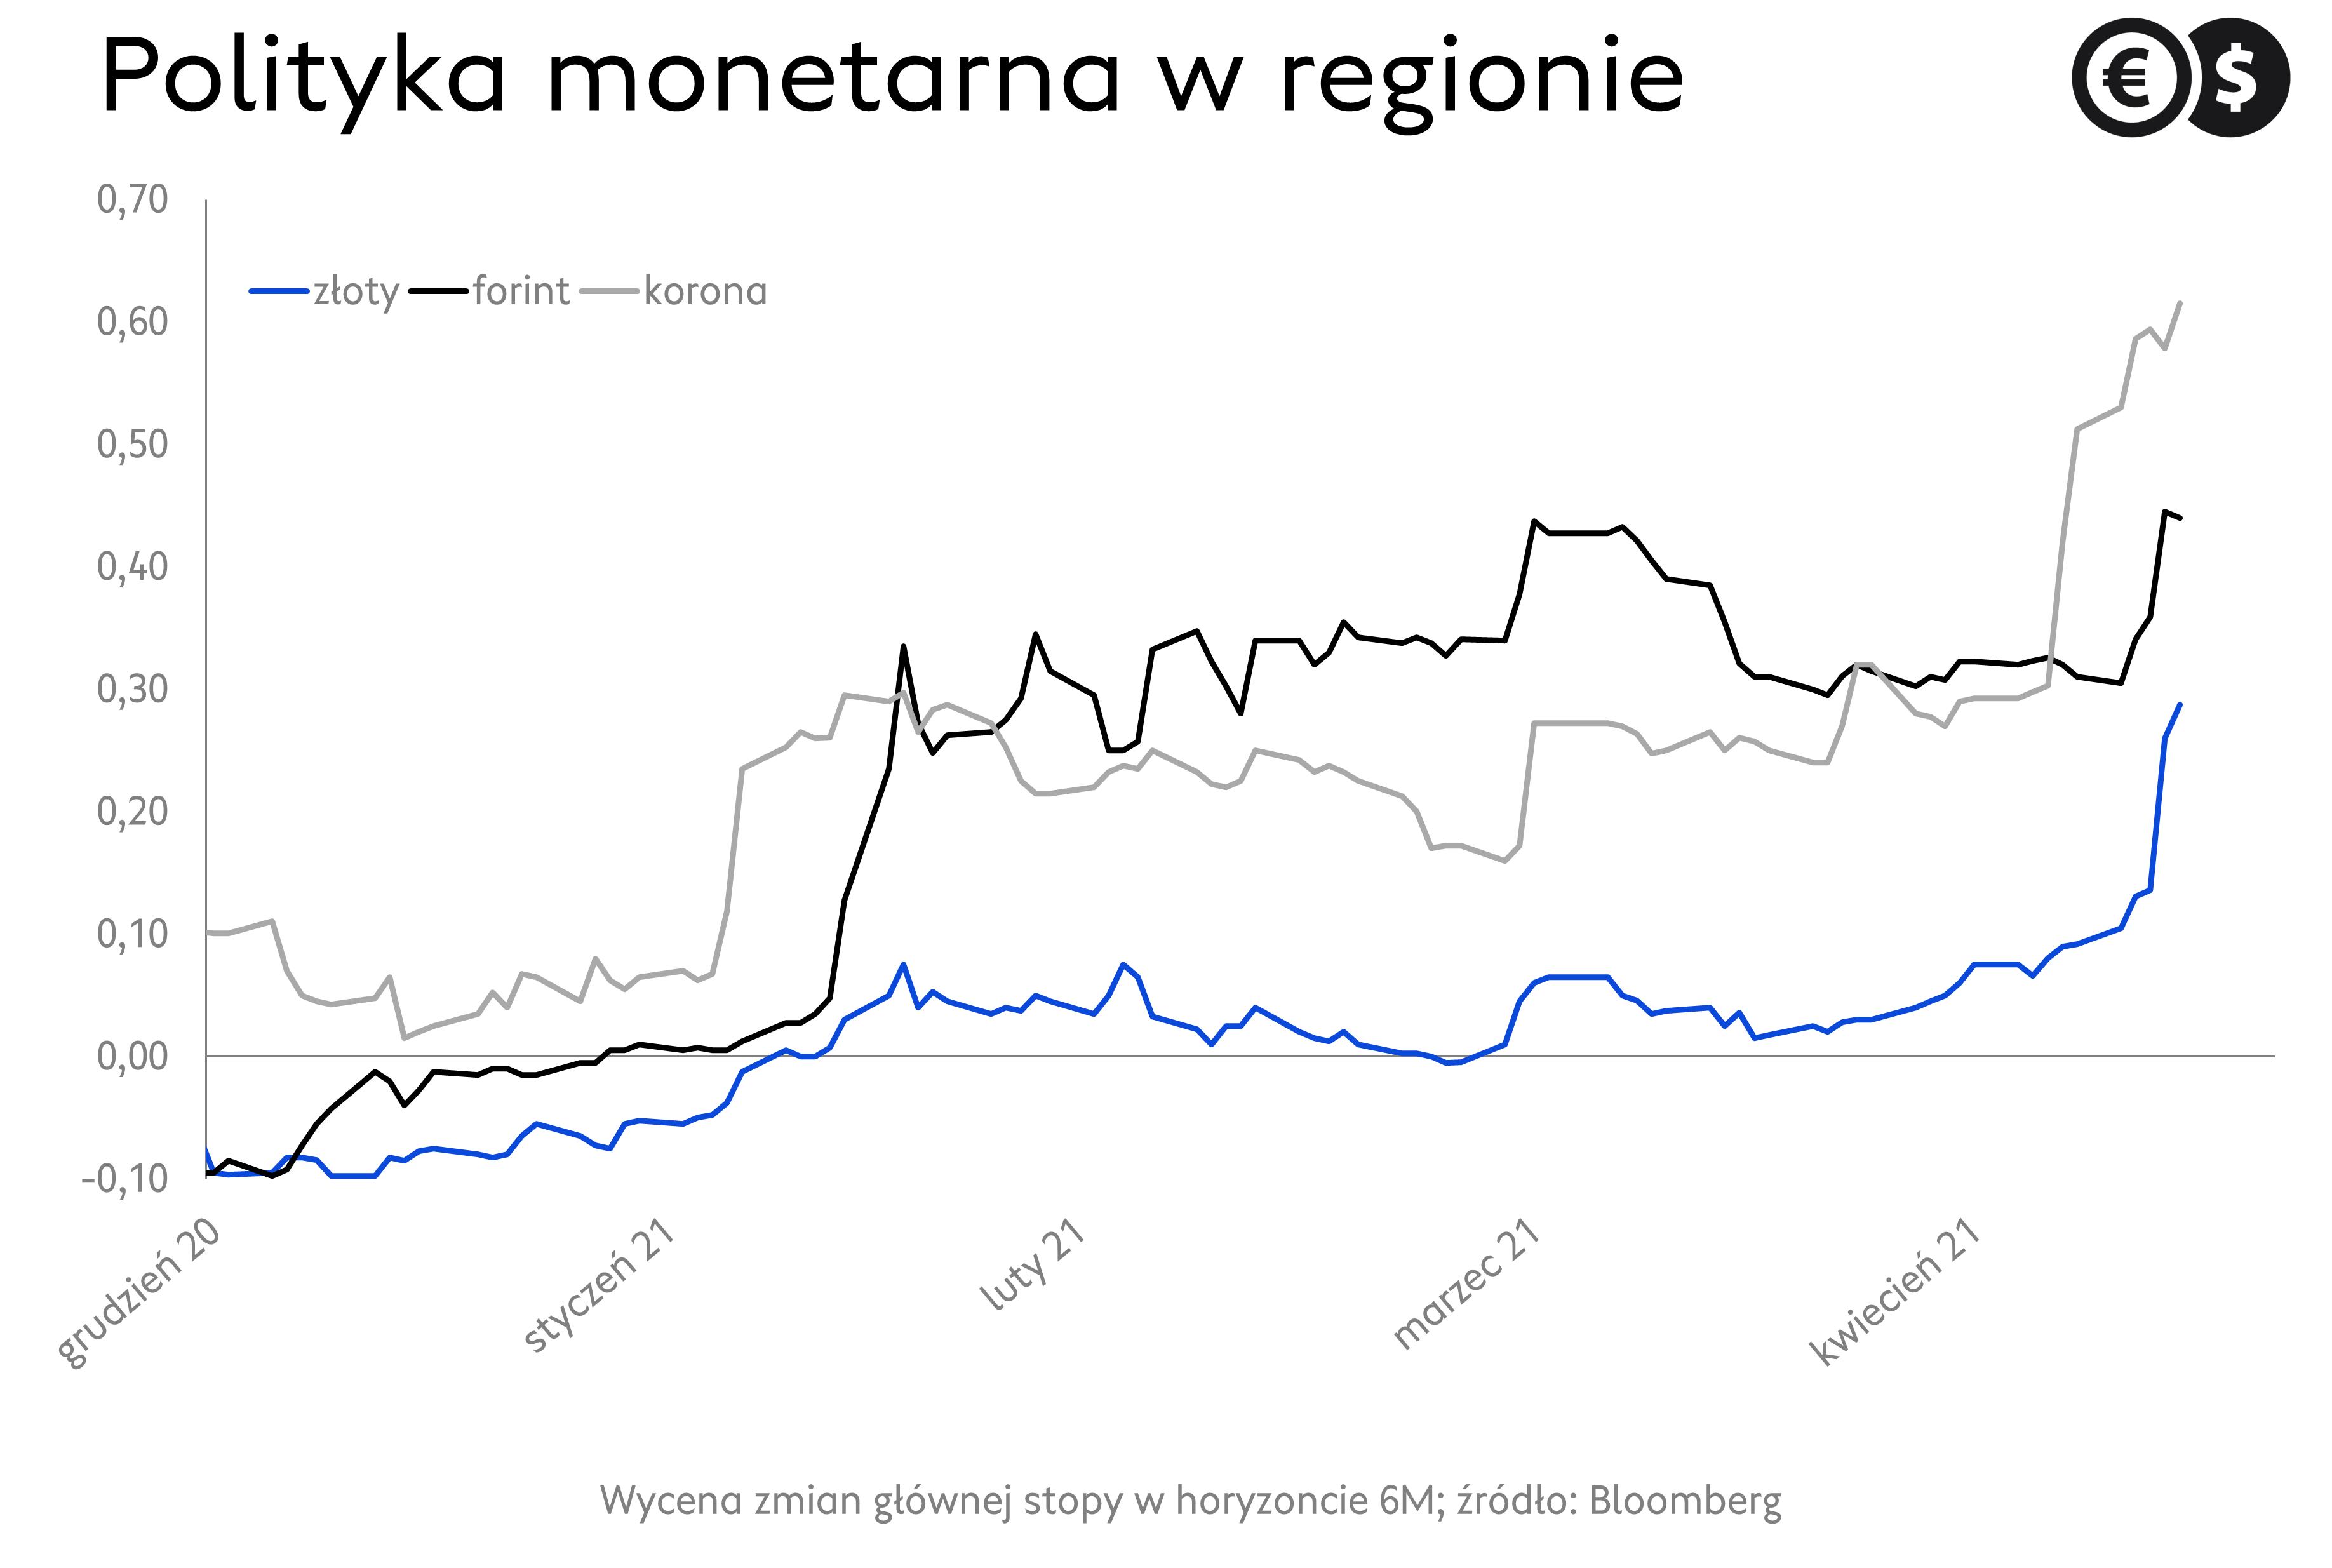 Wycena stóp procentowych w regionie, źródło: Bloomberg